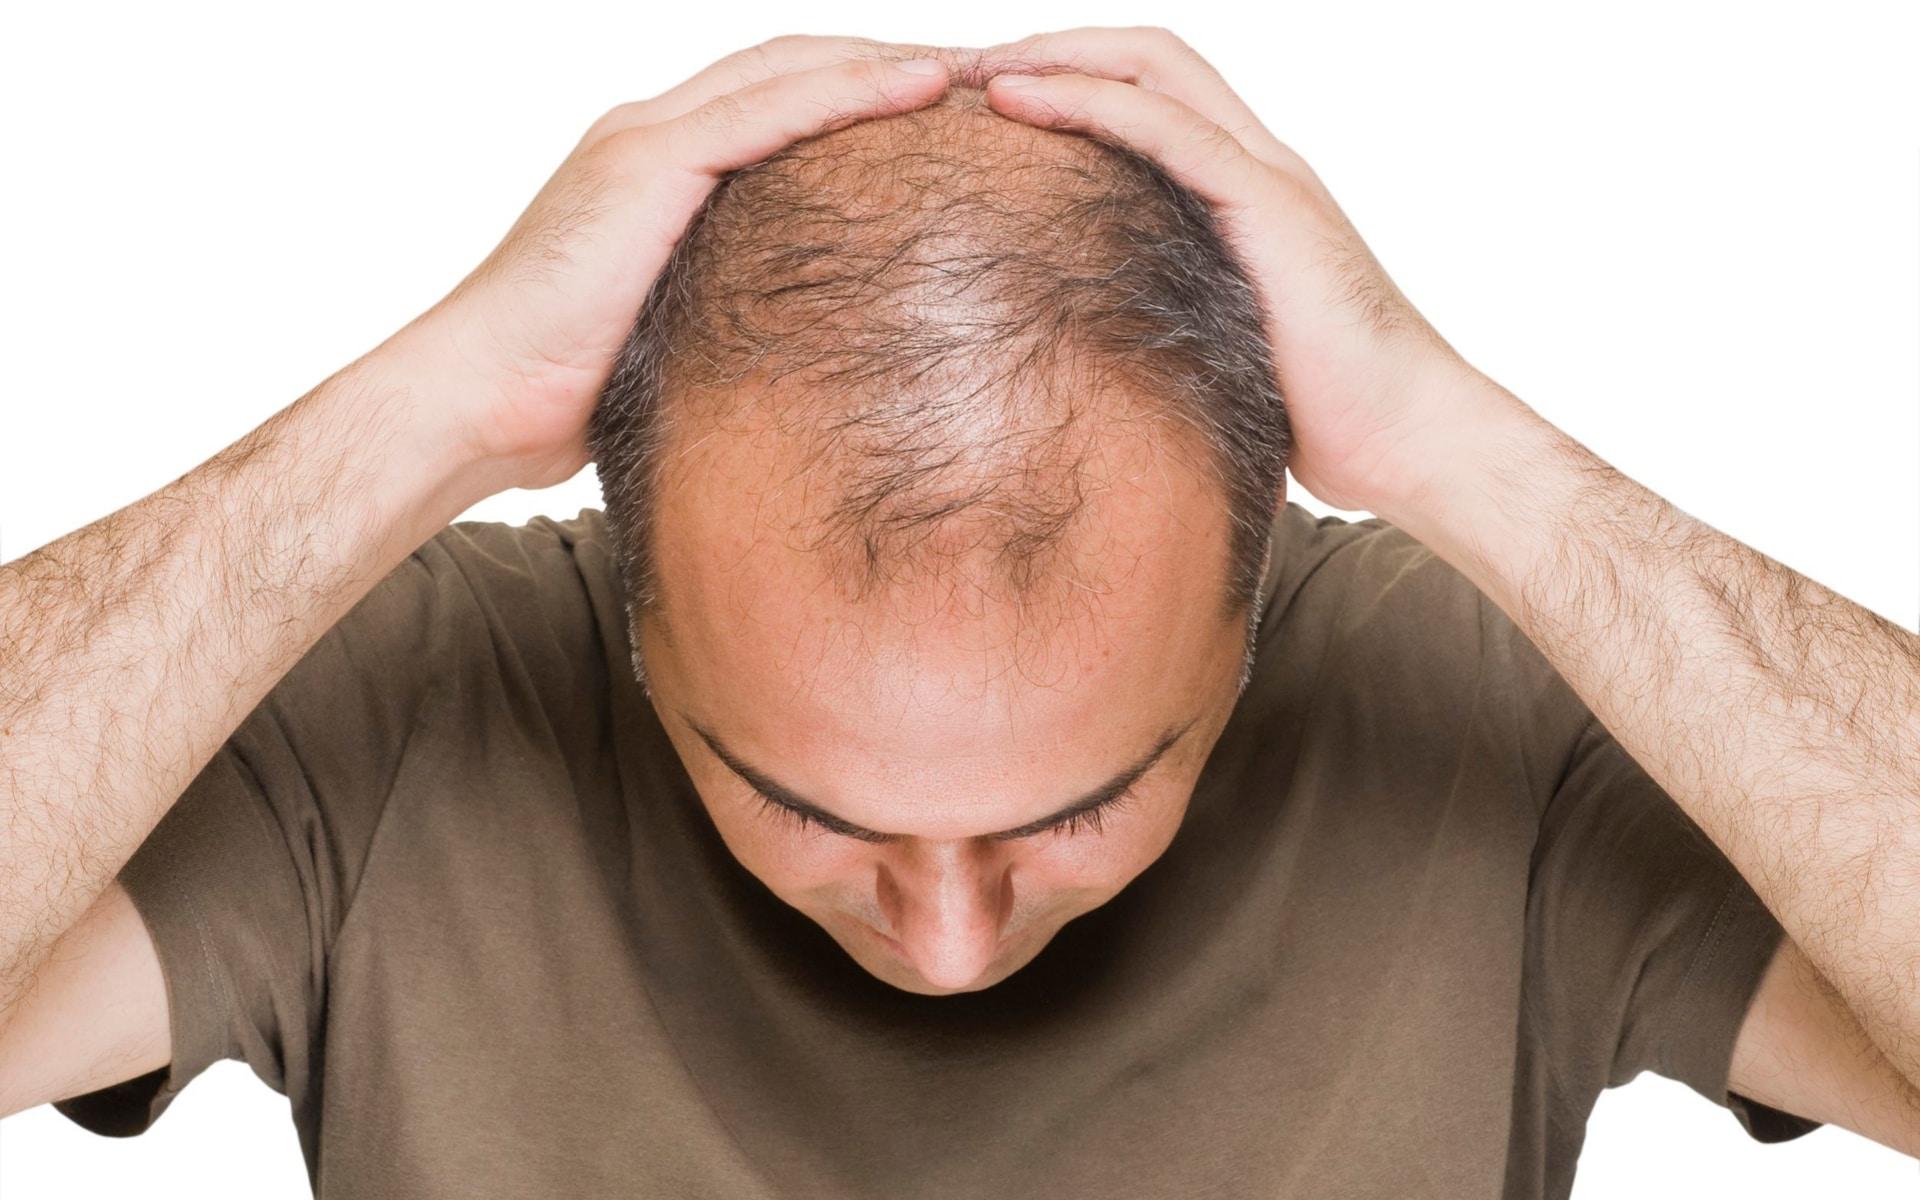 Infoltimento capelli: come ottenerlo in poche semplici mosse